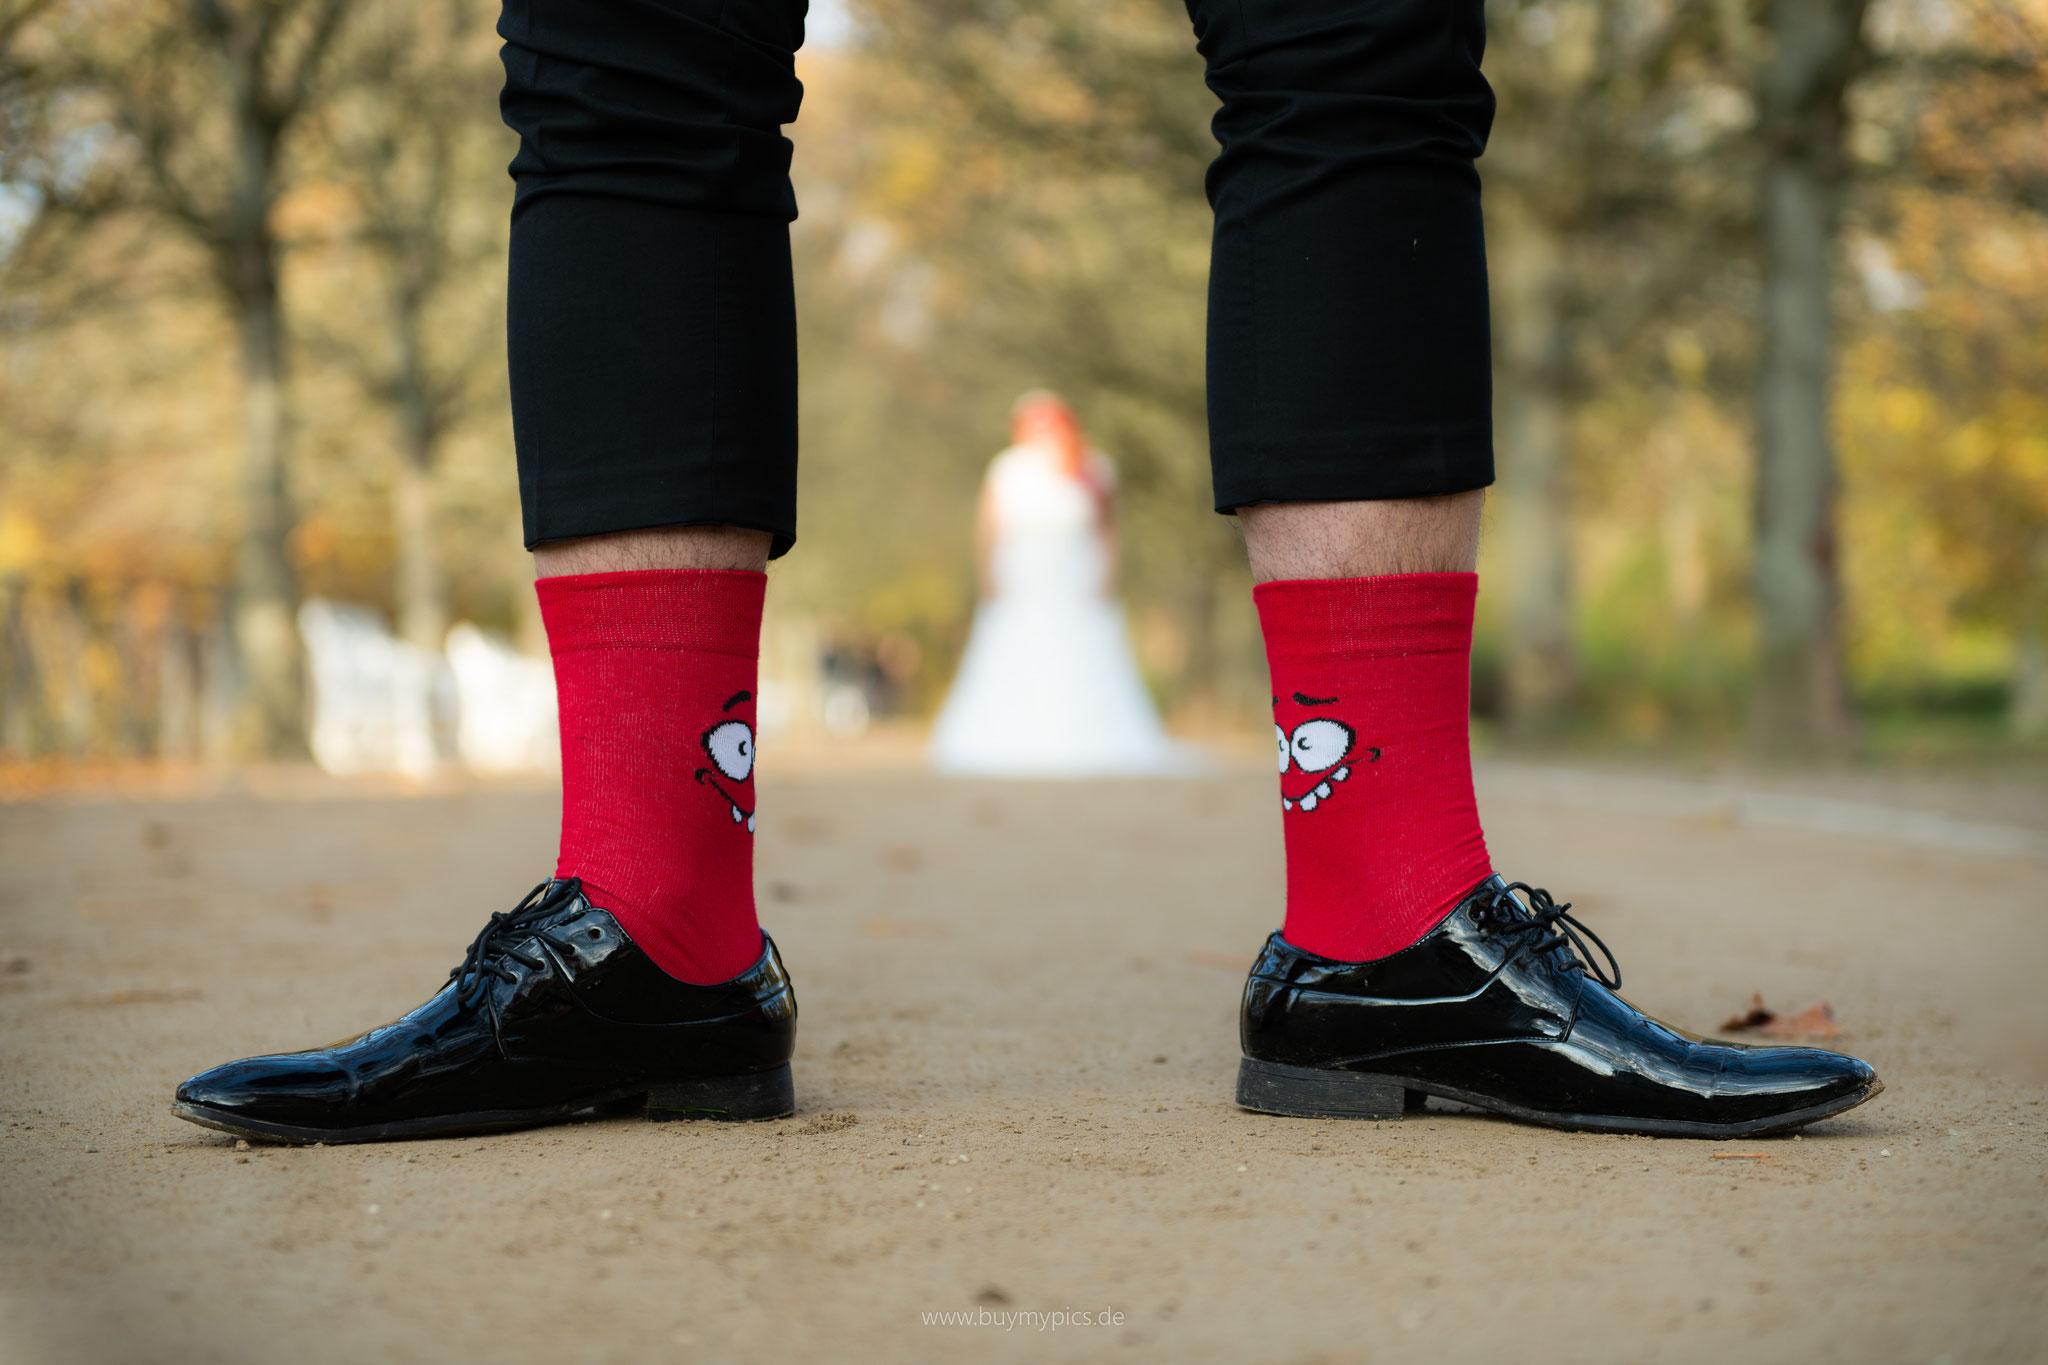 Socken mit Smiles für Bräutigam